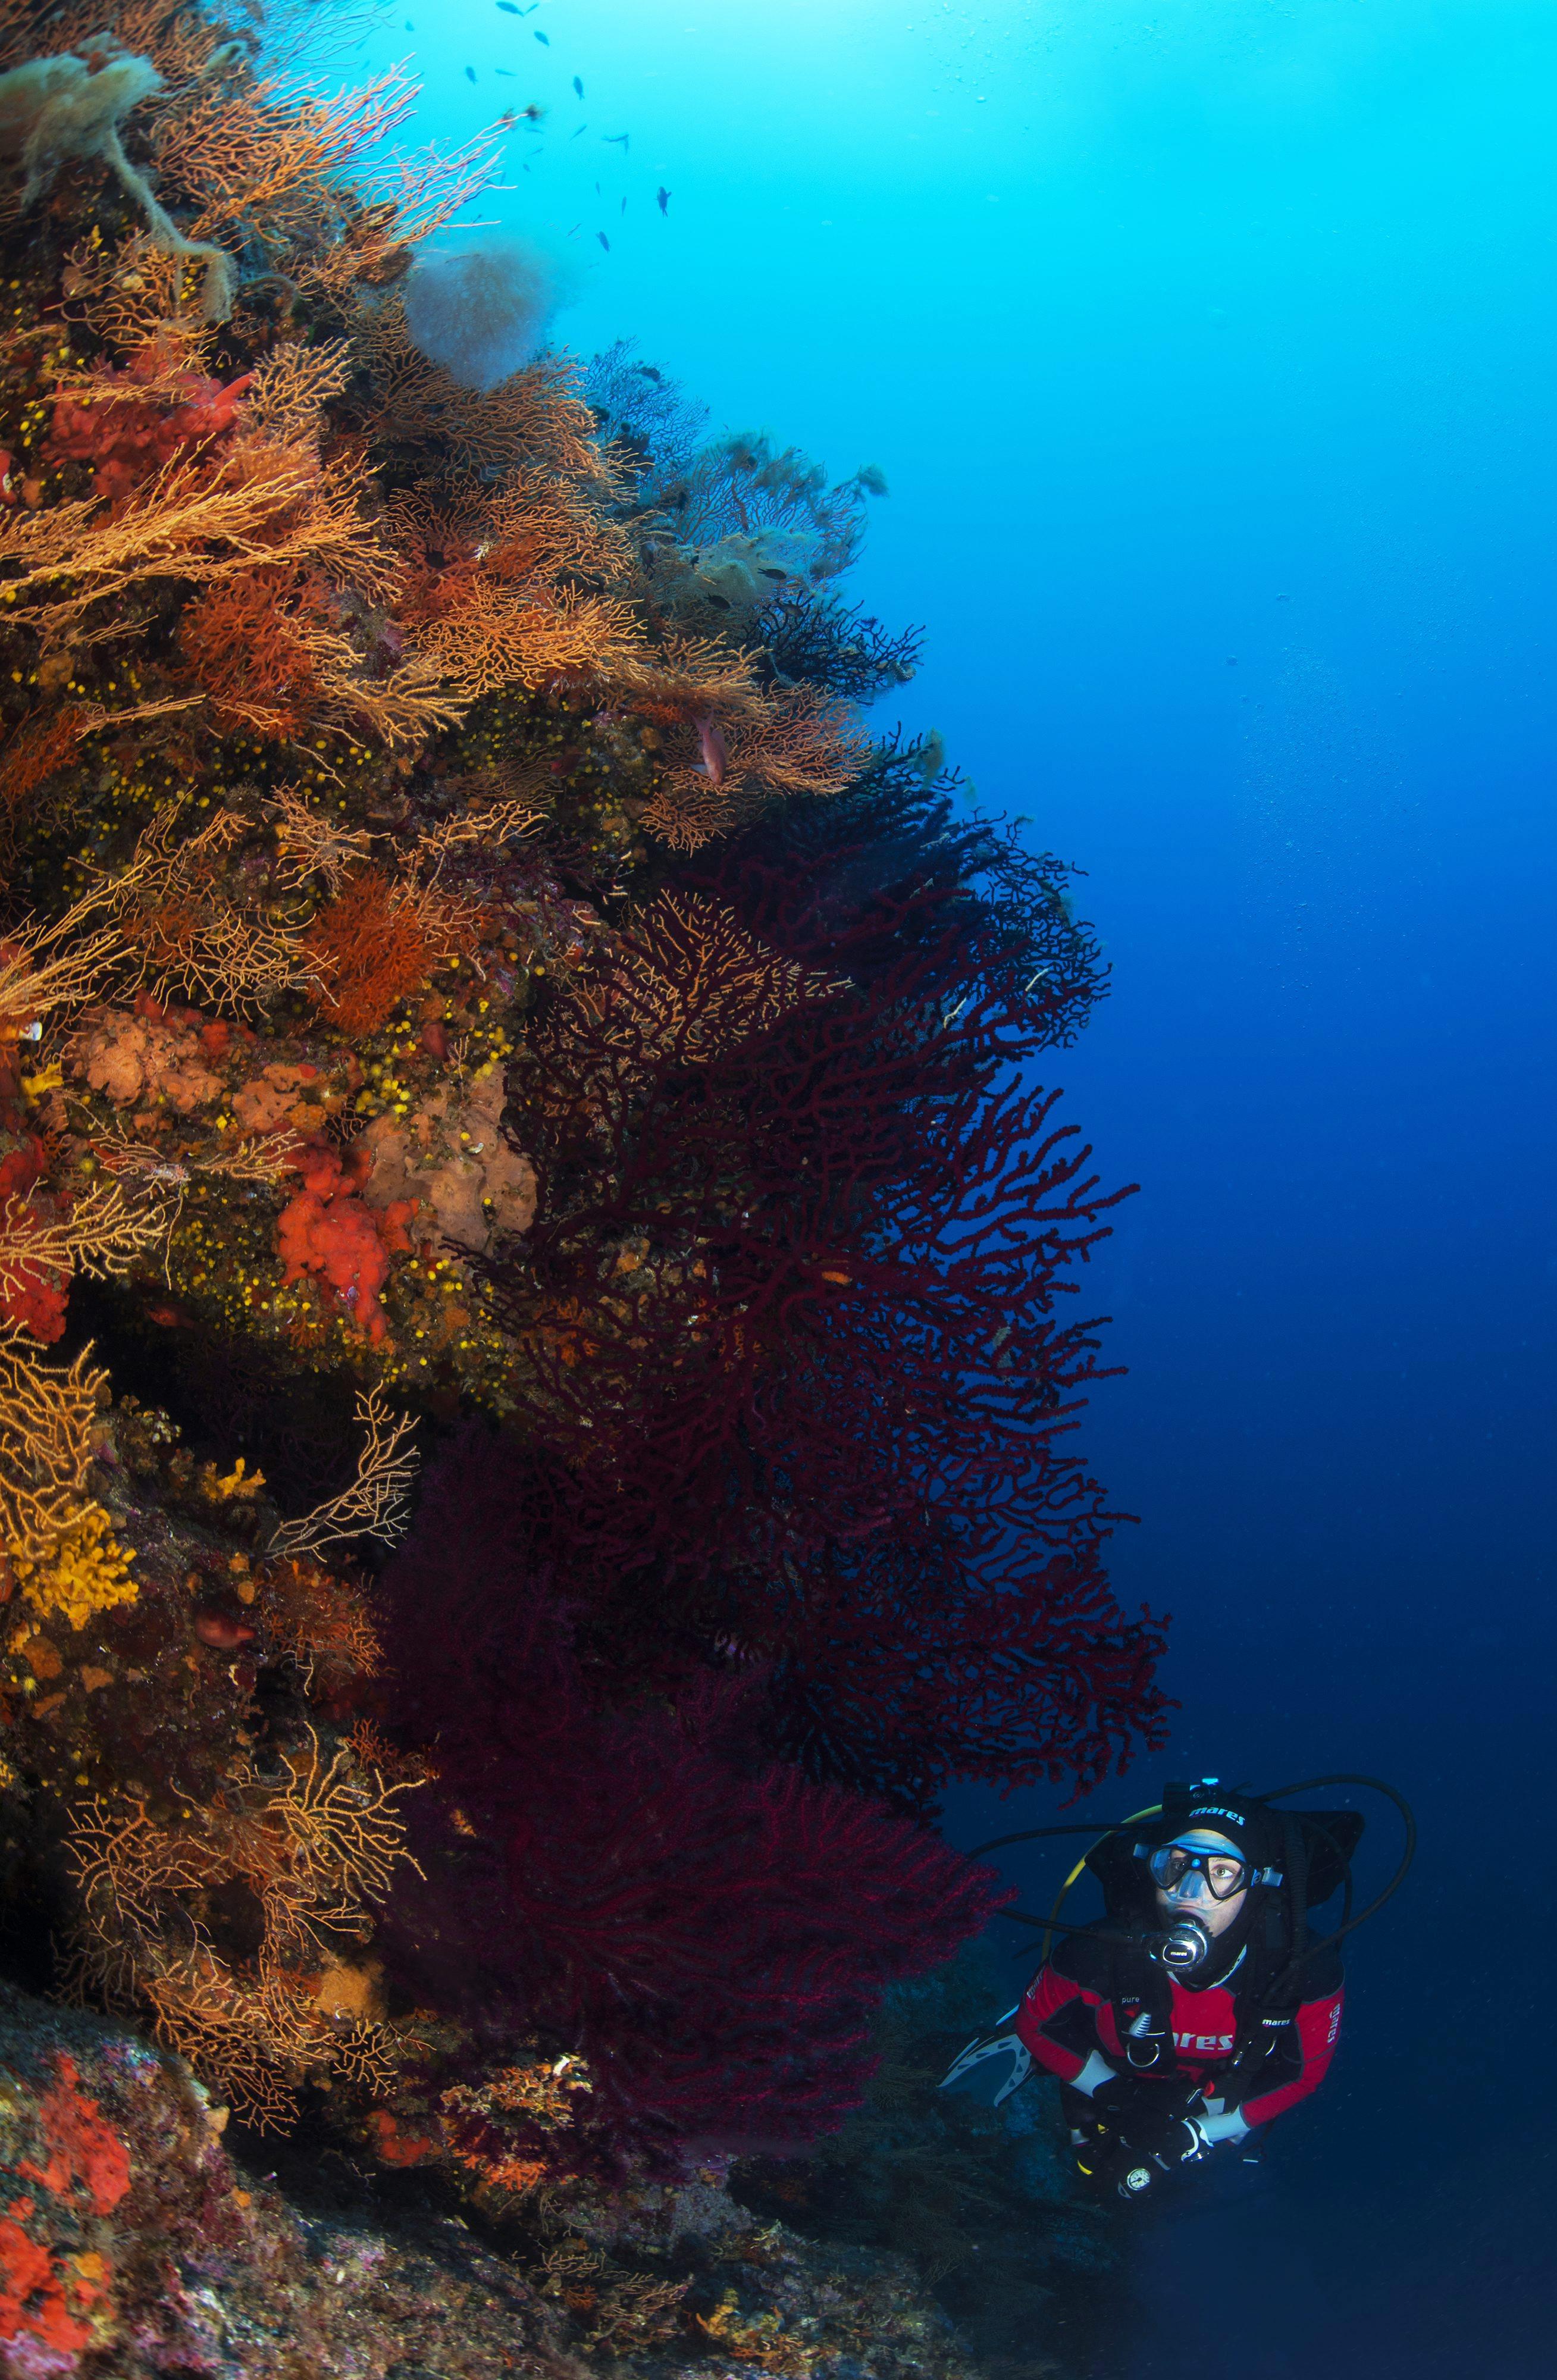 waters of Vis, underwater, vegetation, plants